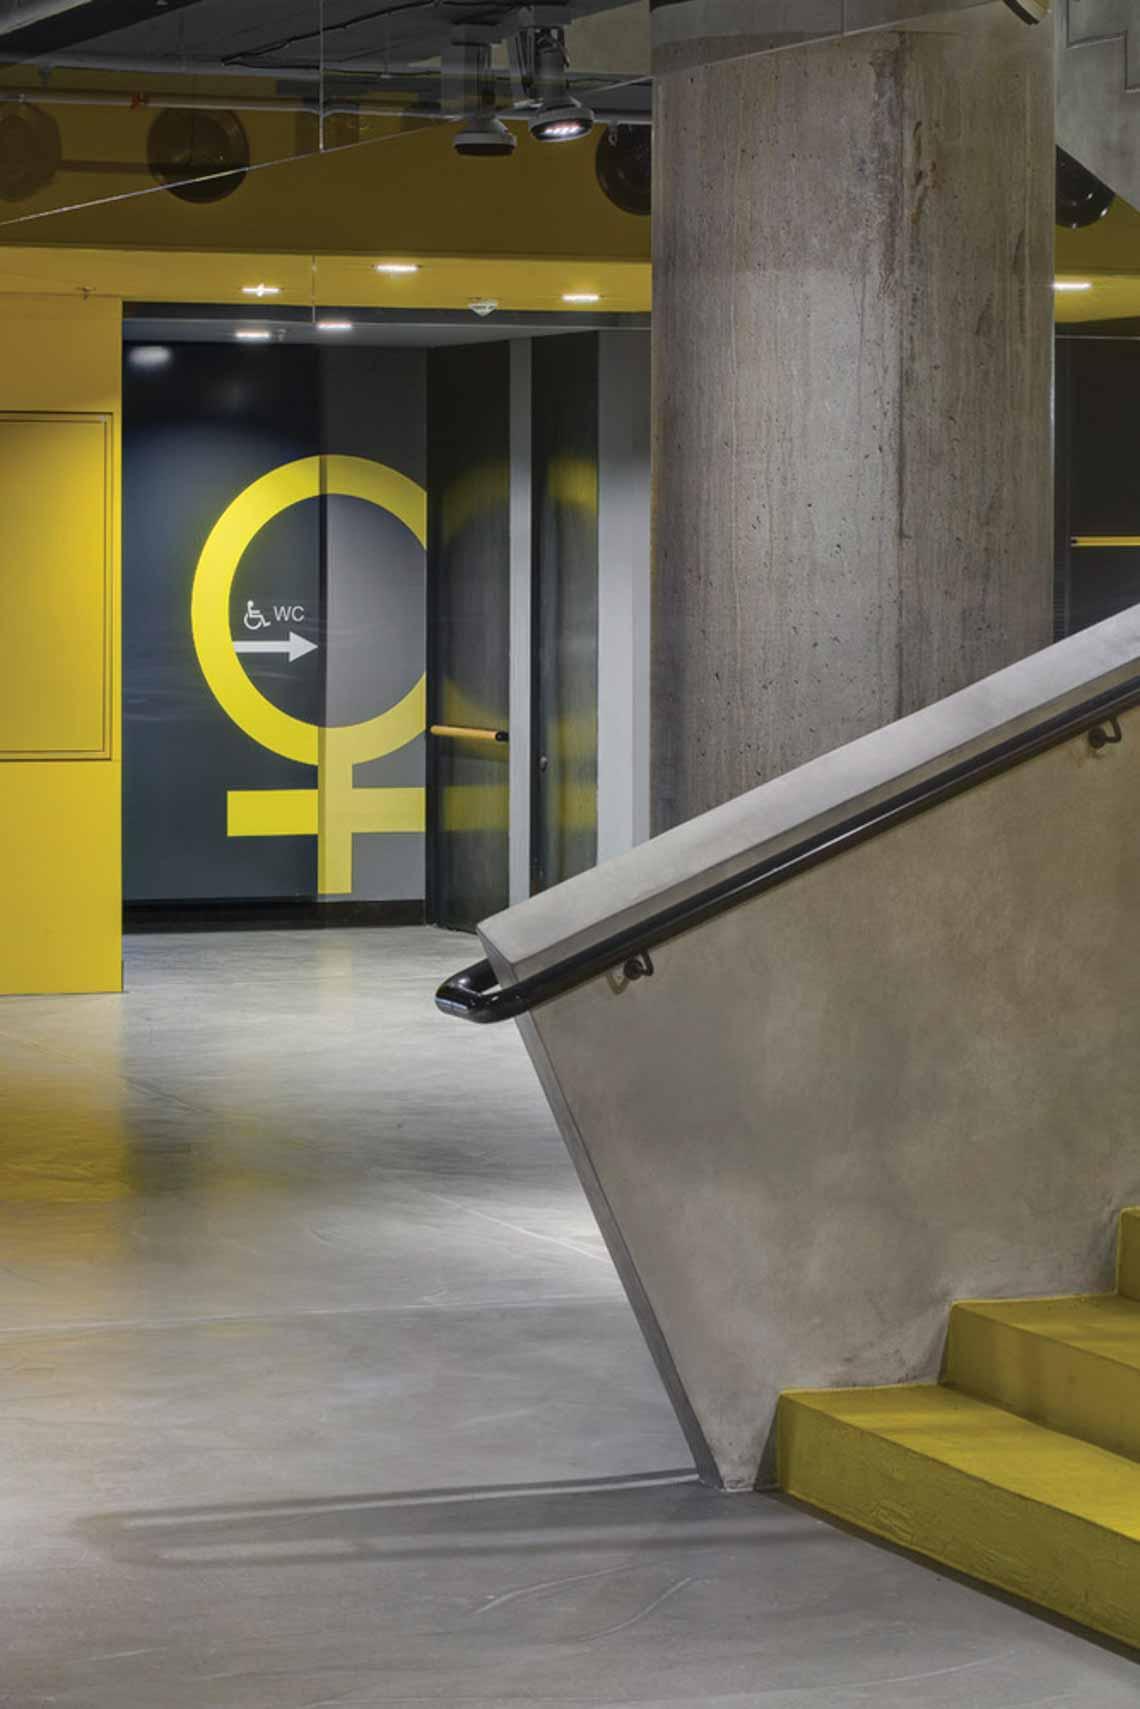 Màu của năm 2021 Pantone: Vàng và xám trong kiến trúc - 62